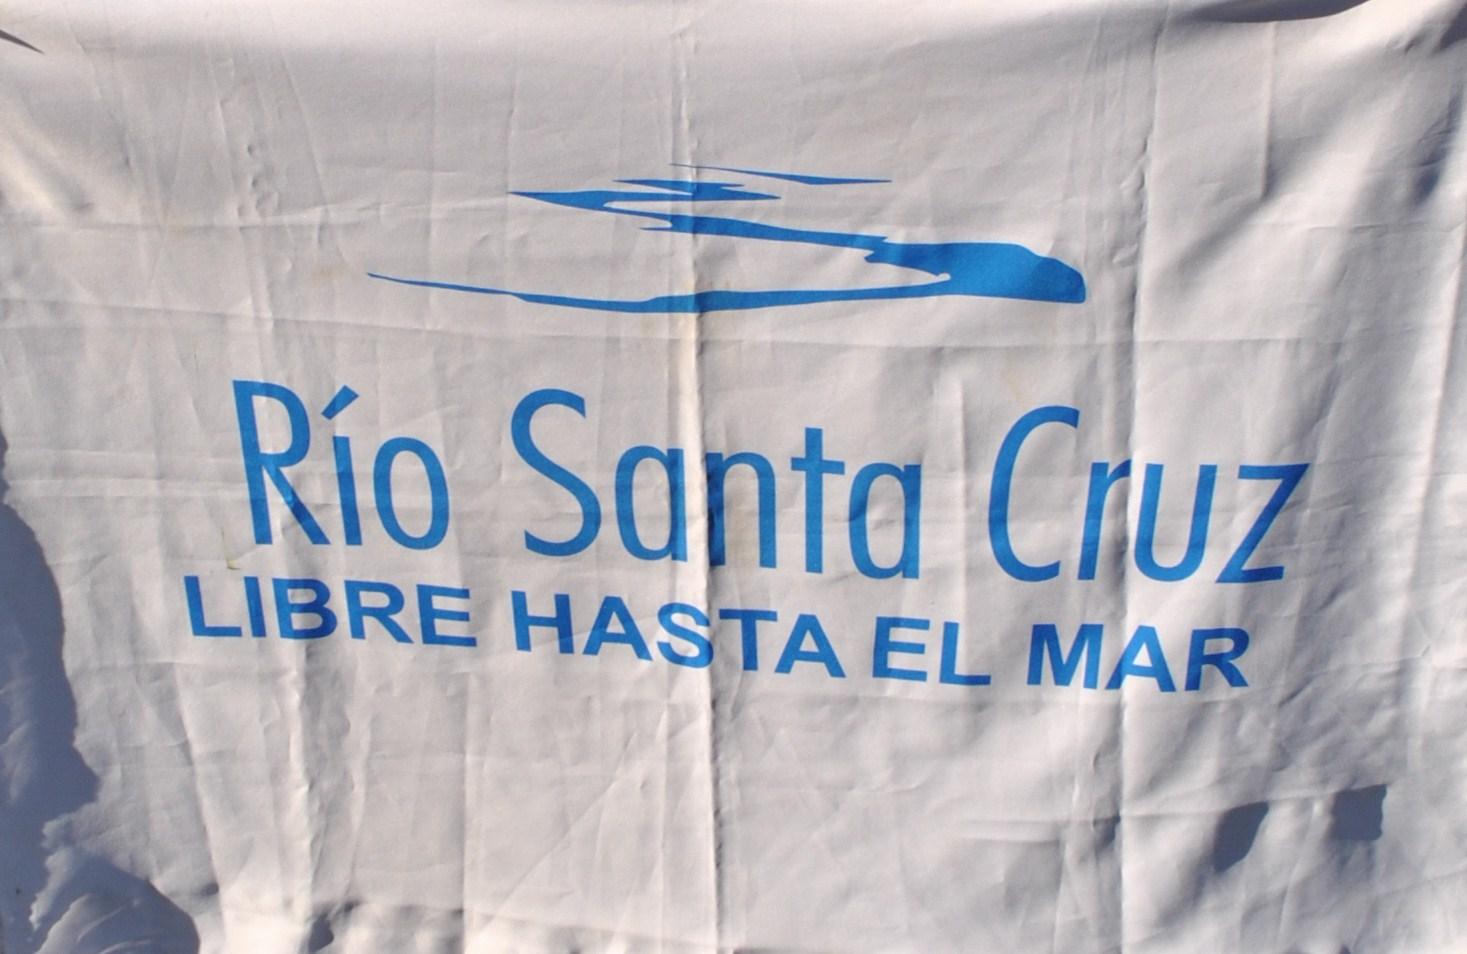 Río Santa Cruz Sin Represas